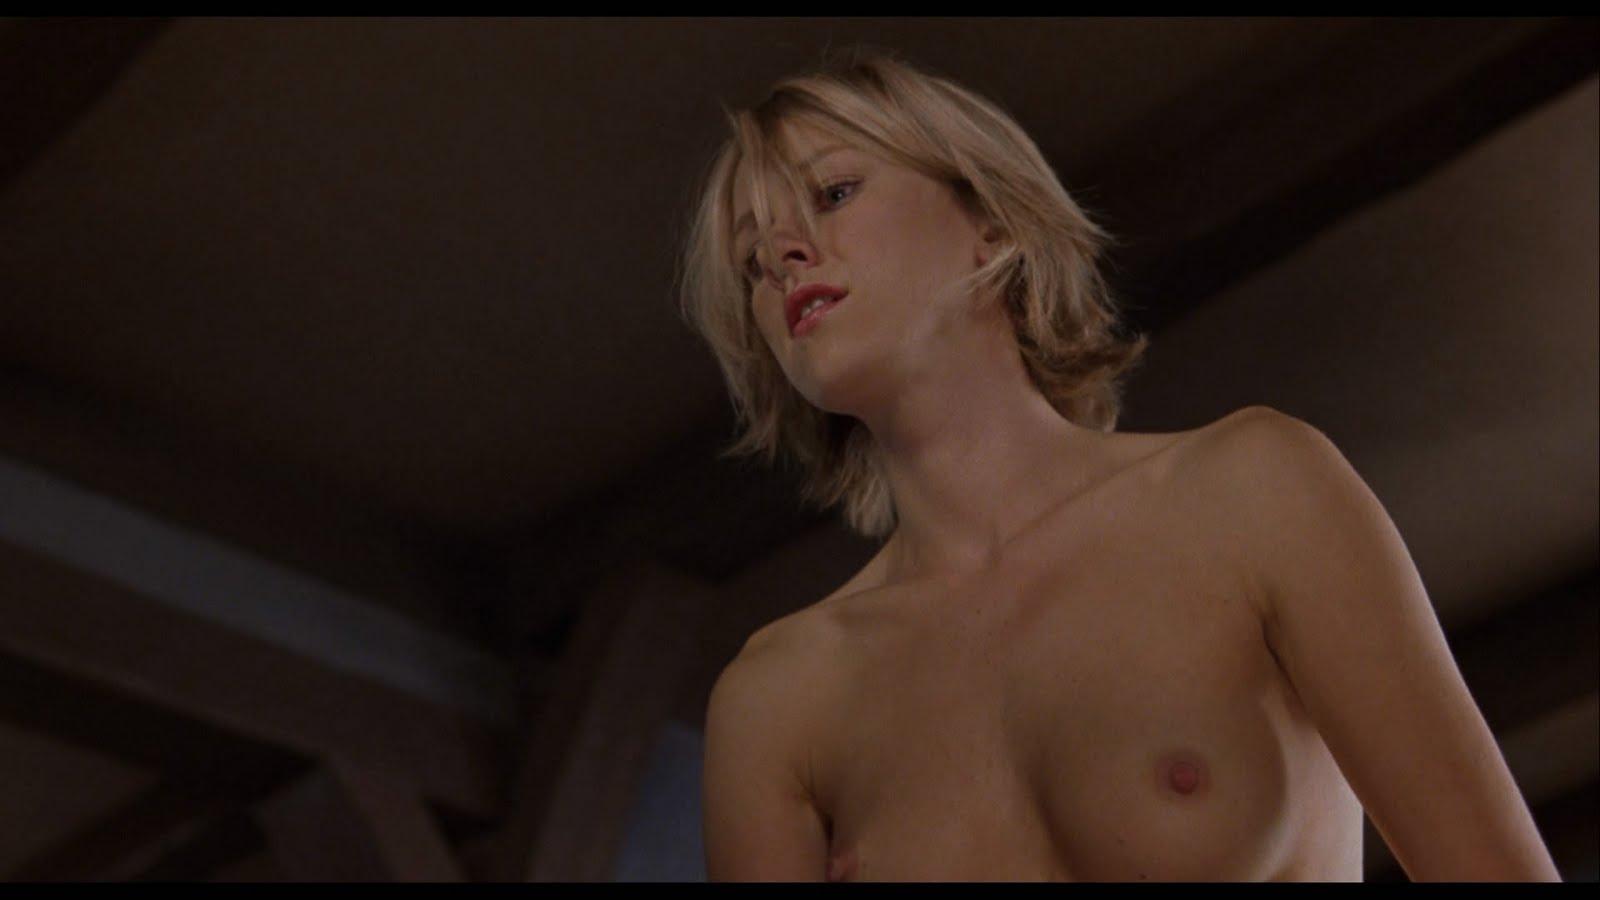 Sigourney Weaver desnuda - Pgina 3 fotos desnuda